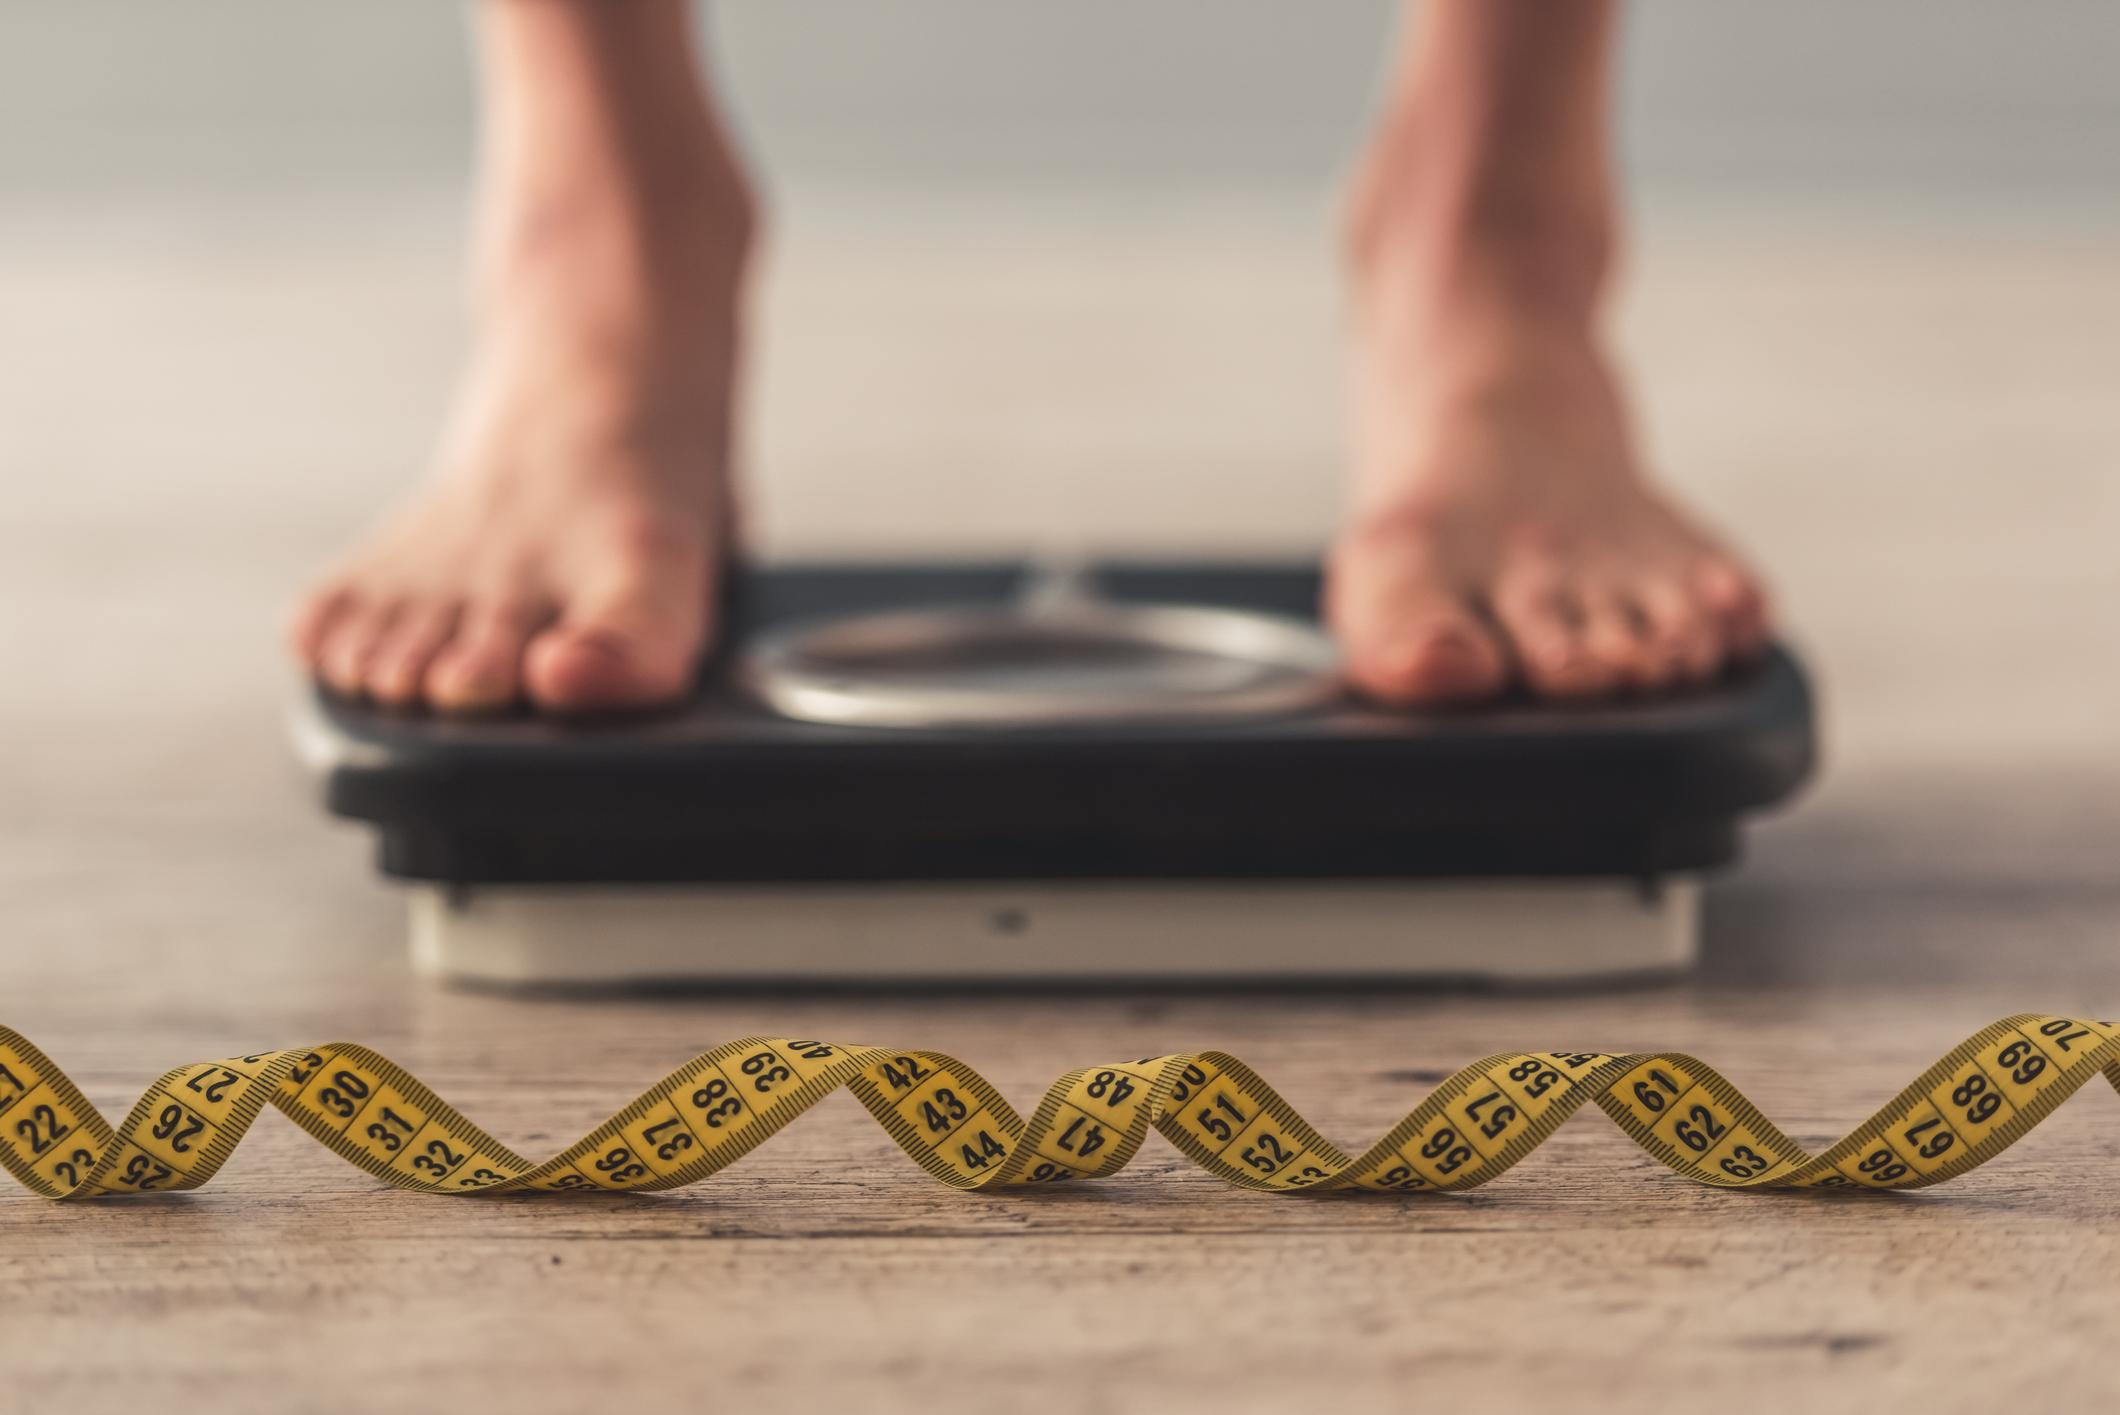 Pierderea în greutate pierde inci, dar nu kilograme pierde în greutate chiang mai